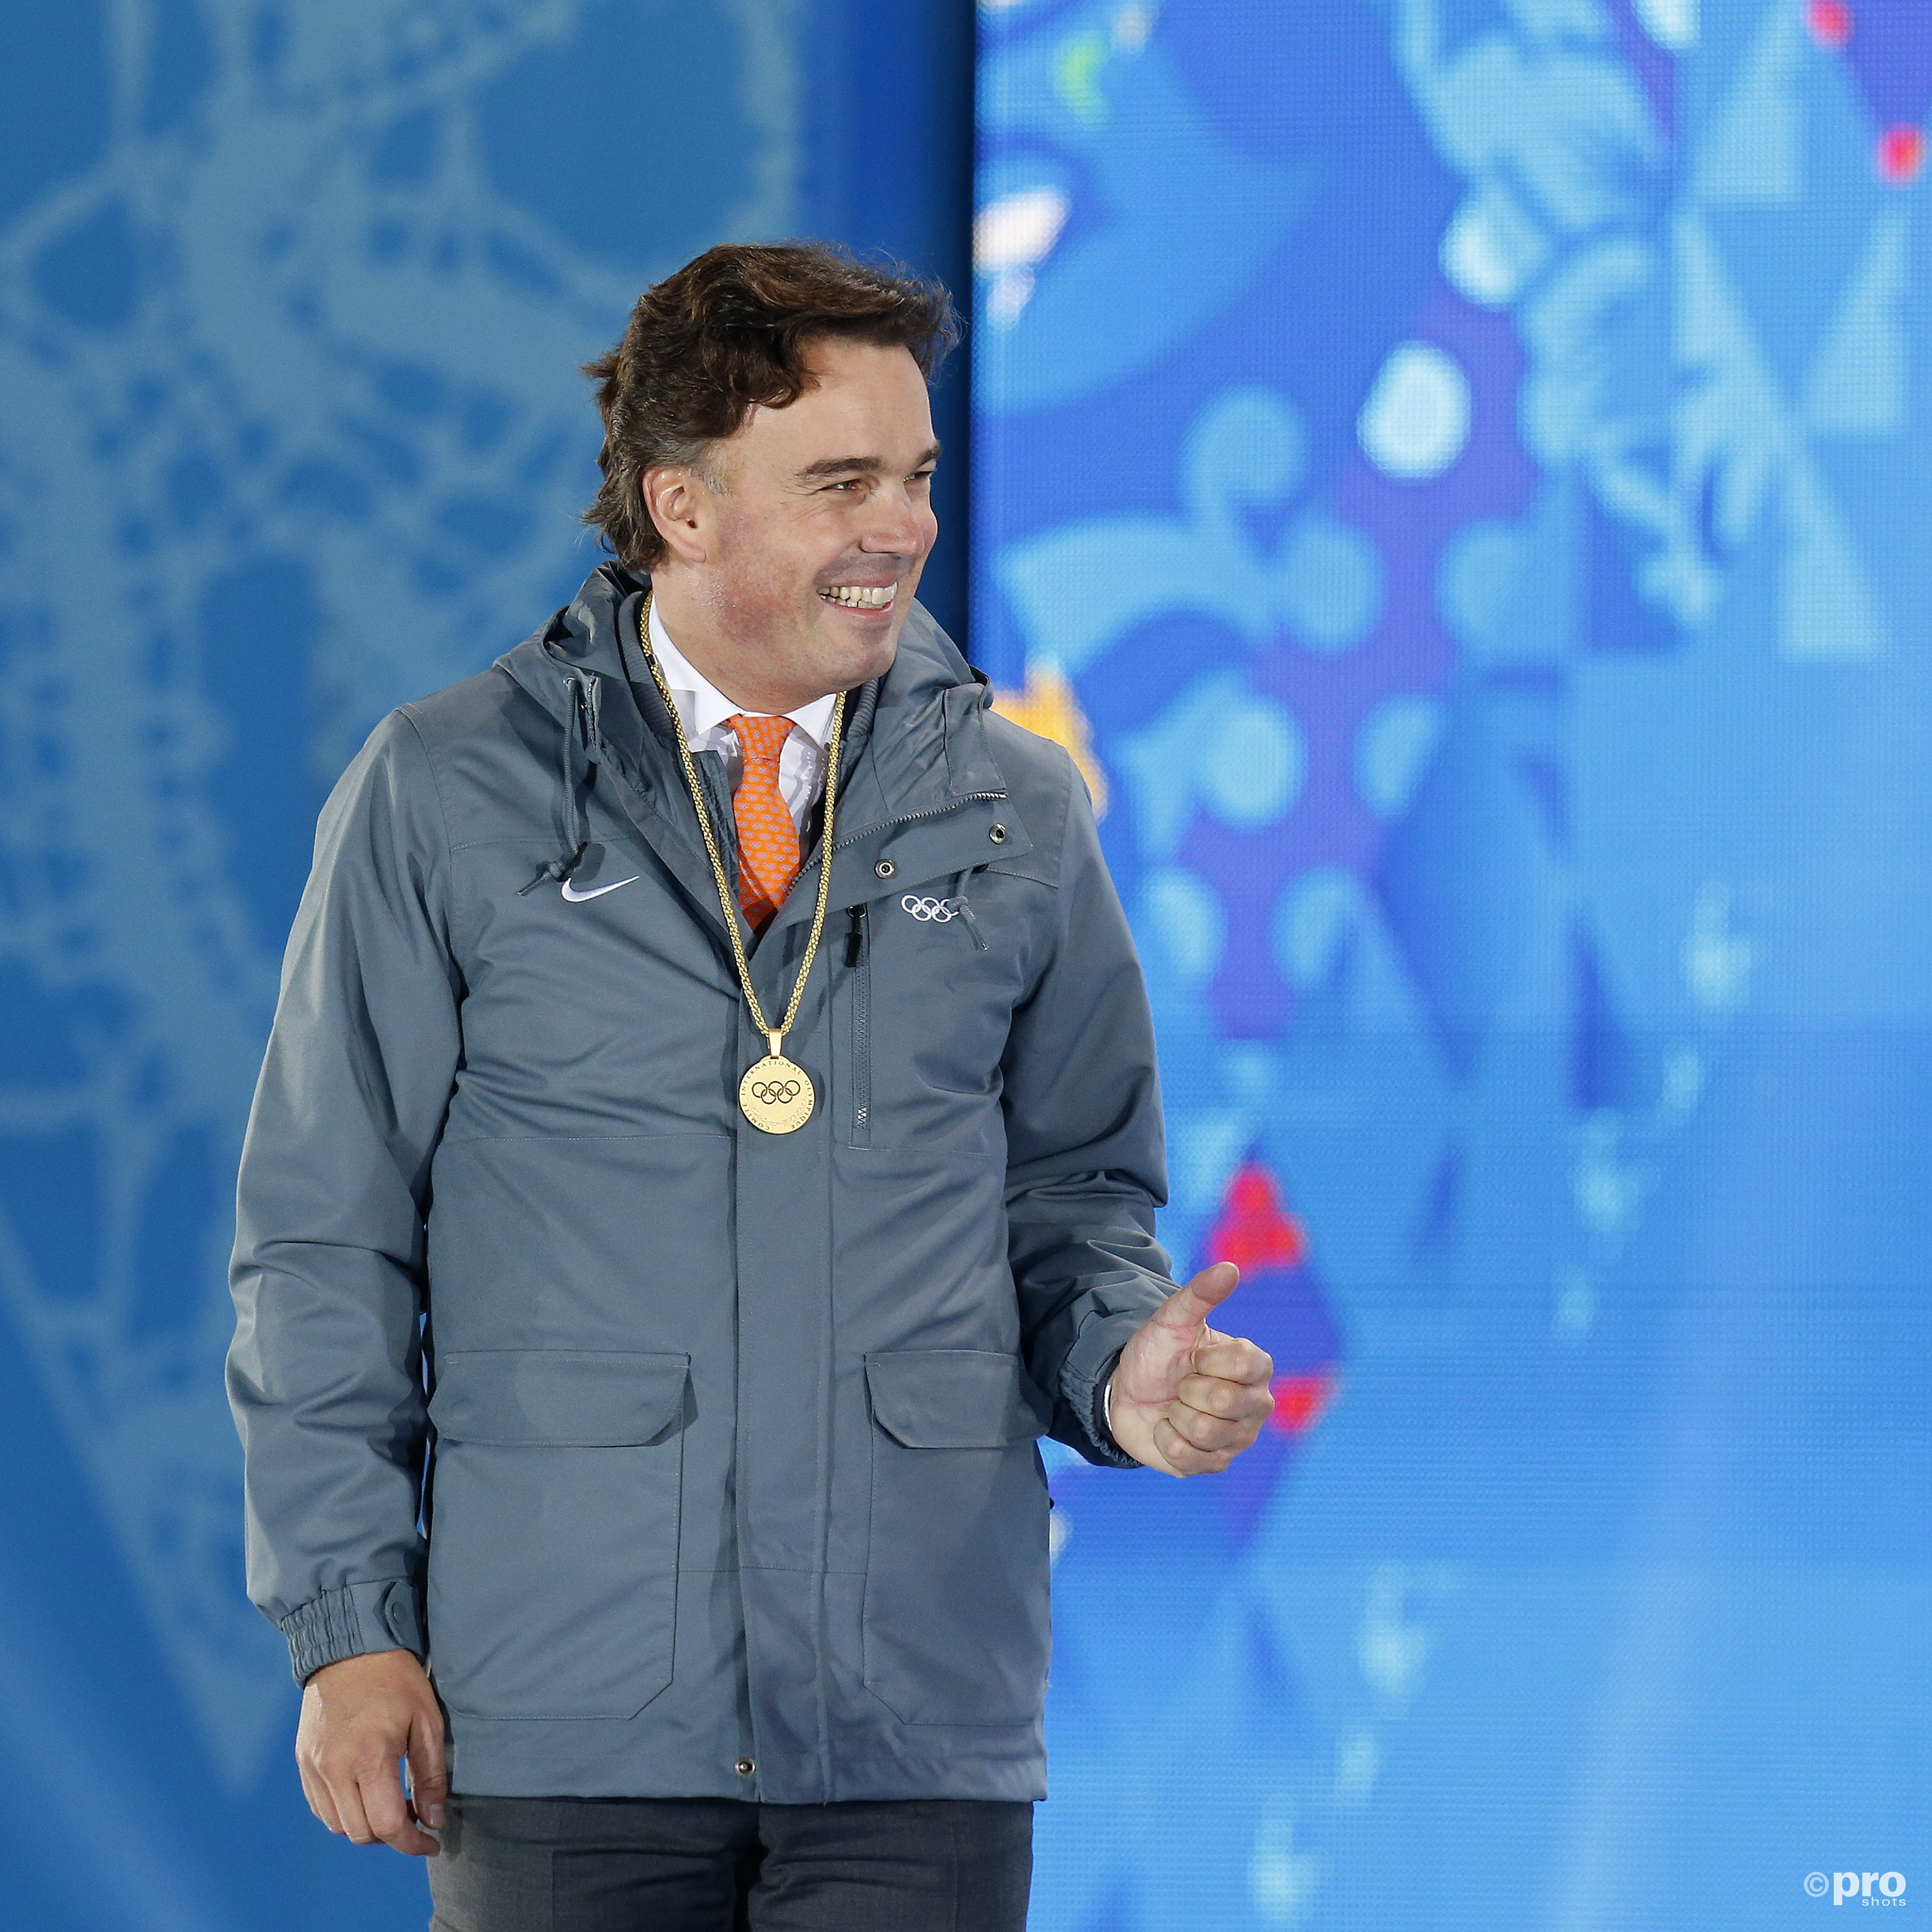 Eurlings op de Spelen van Sochi in 2014 (Pro Shots/Henk Jan Dijks)